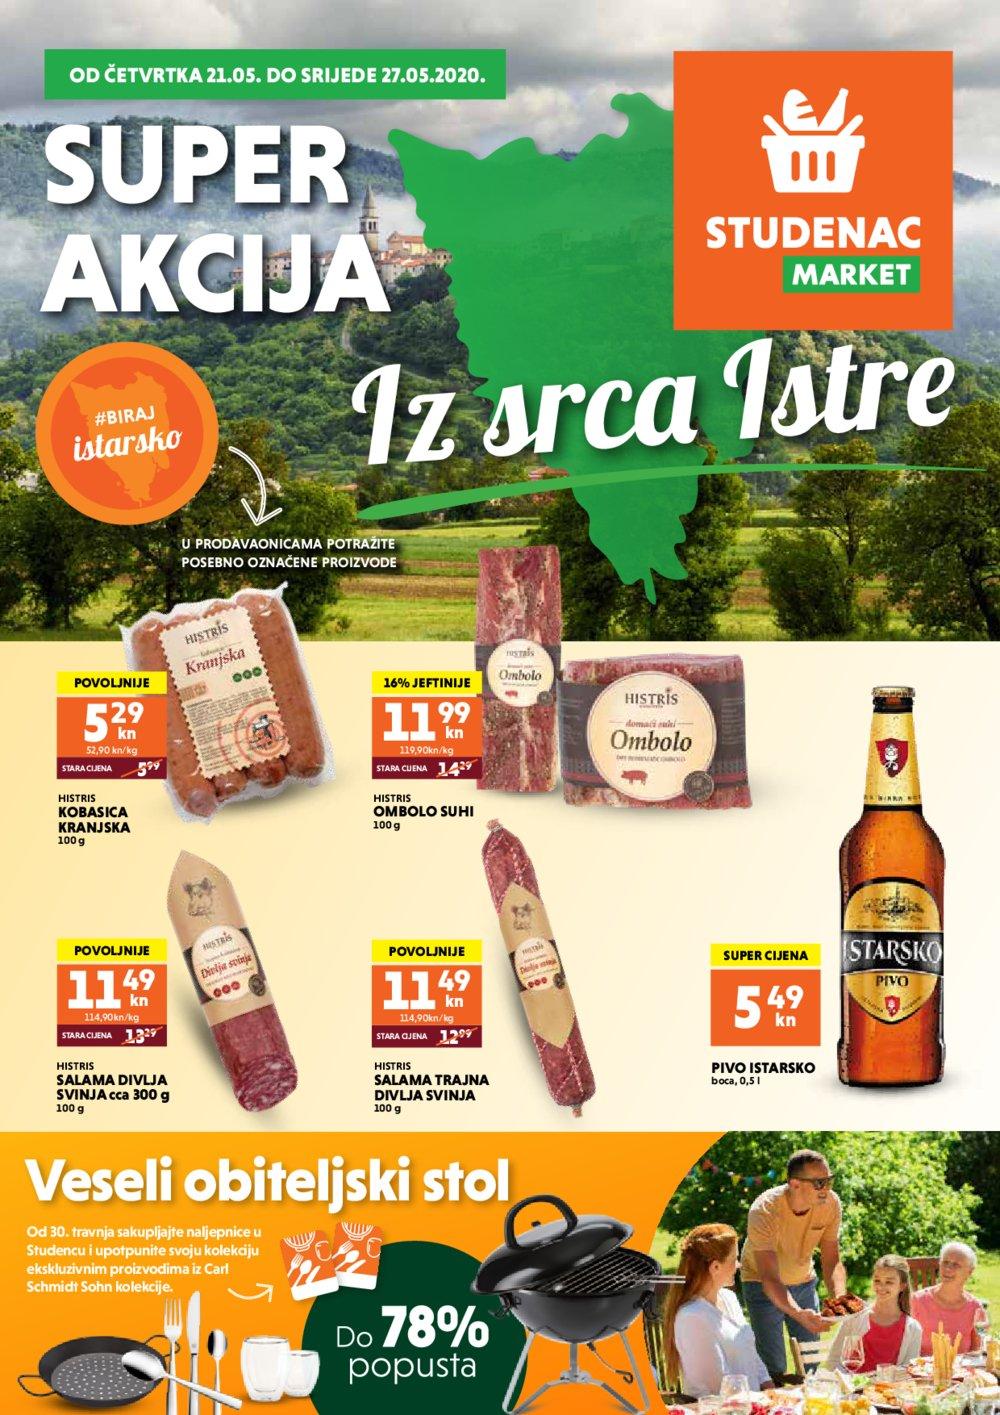 Studenac ISM katalog Super akcija 21.05.-27.05.2020.